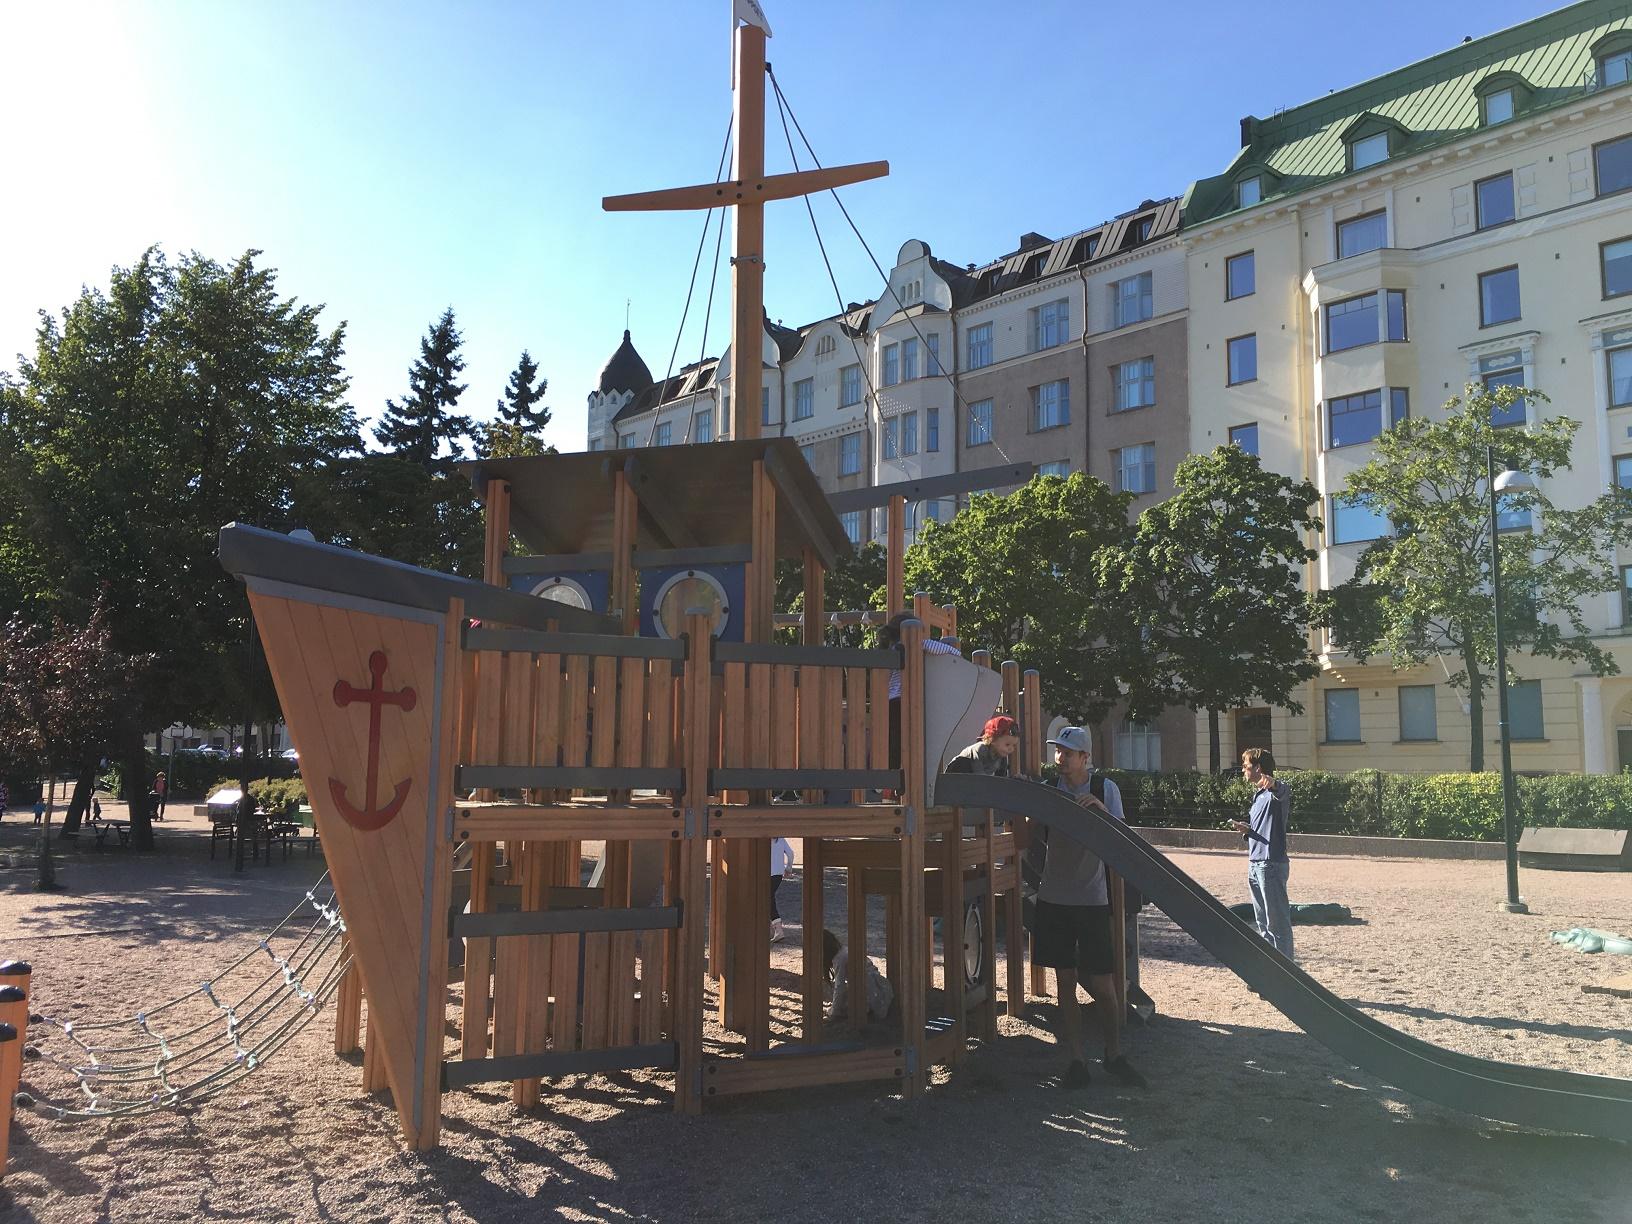 Spielplatz in Helsinki